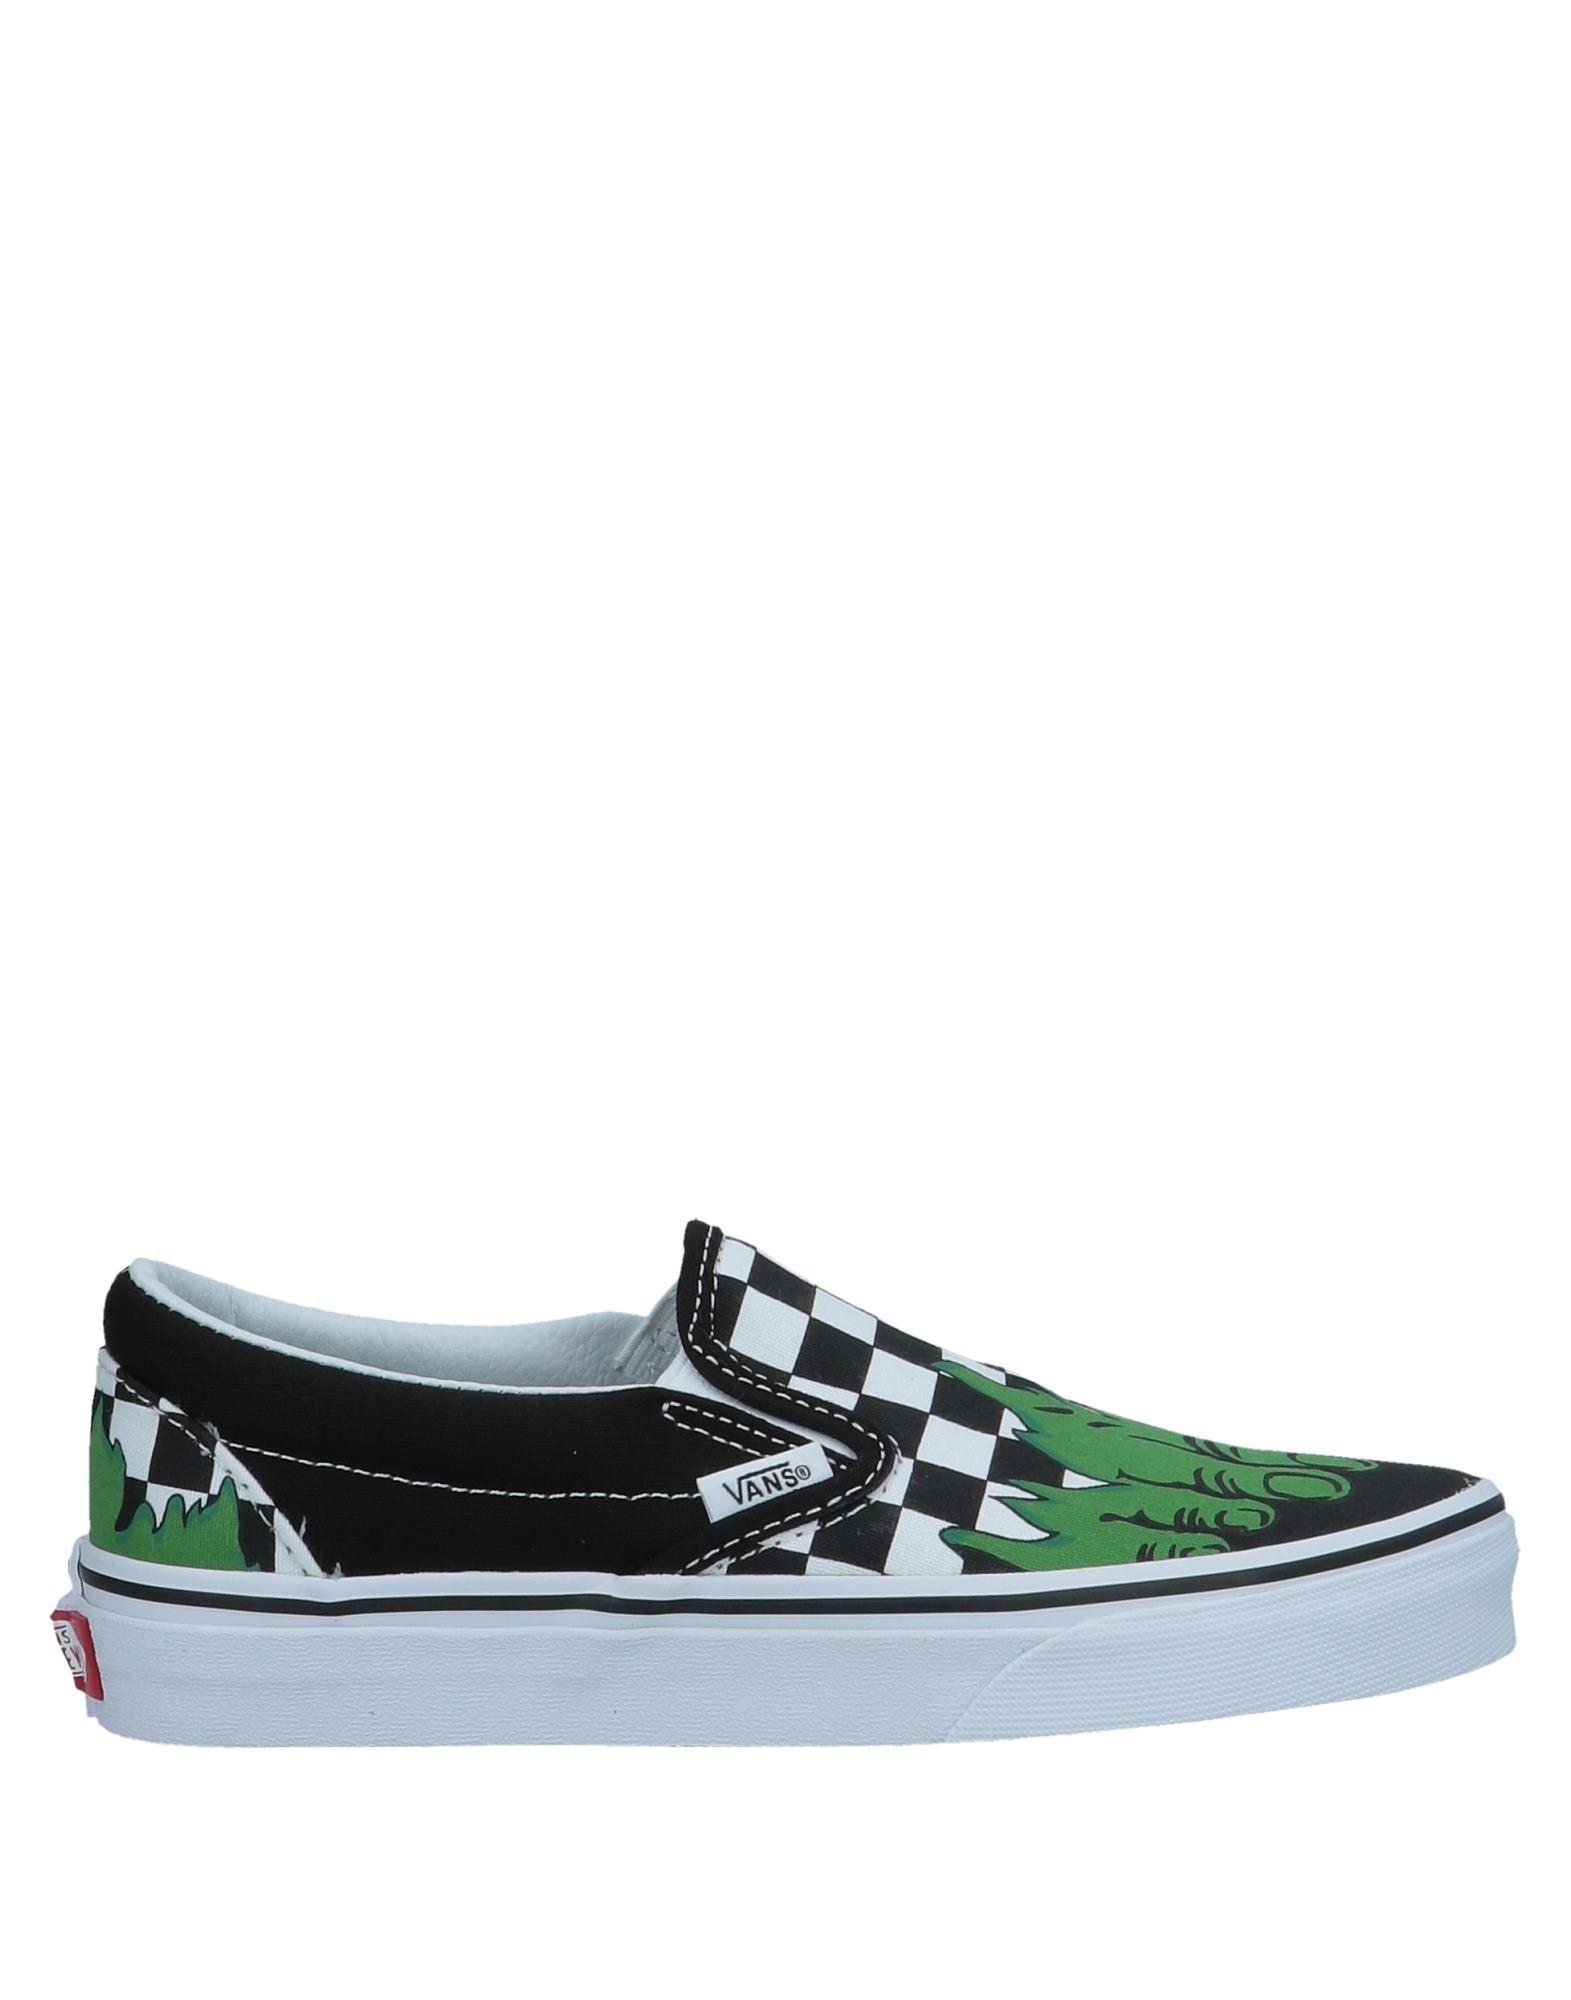 Vans Sneakers Damen  Schuhe 11574023LS Gute Qualität beliebte Schuhe  a940b1